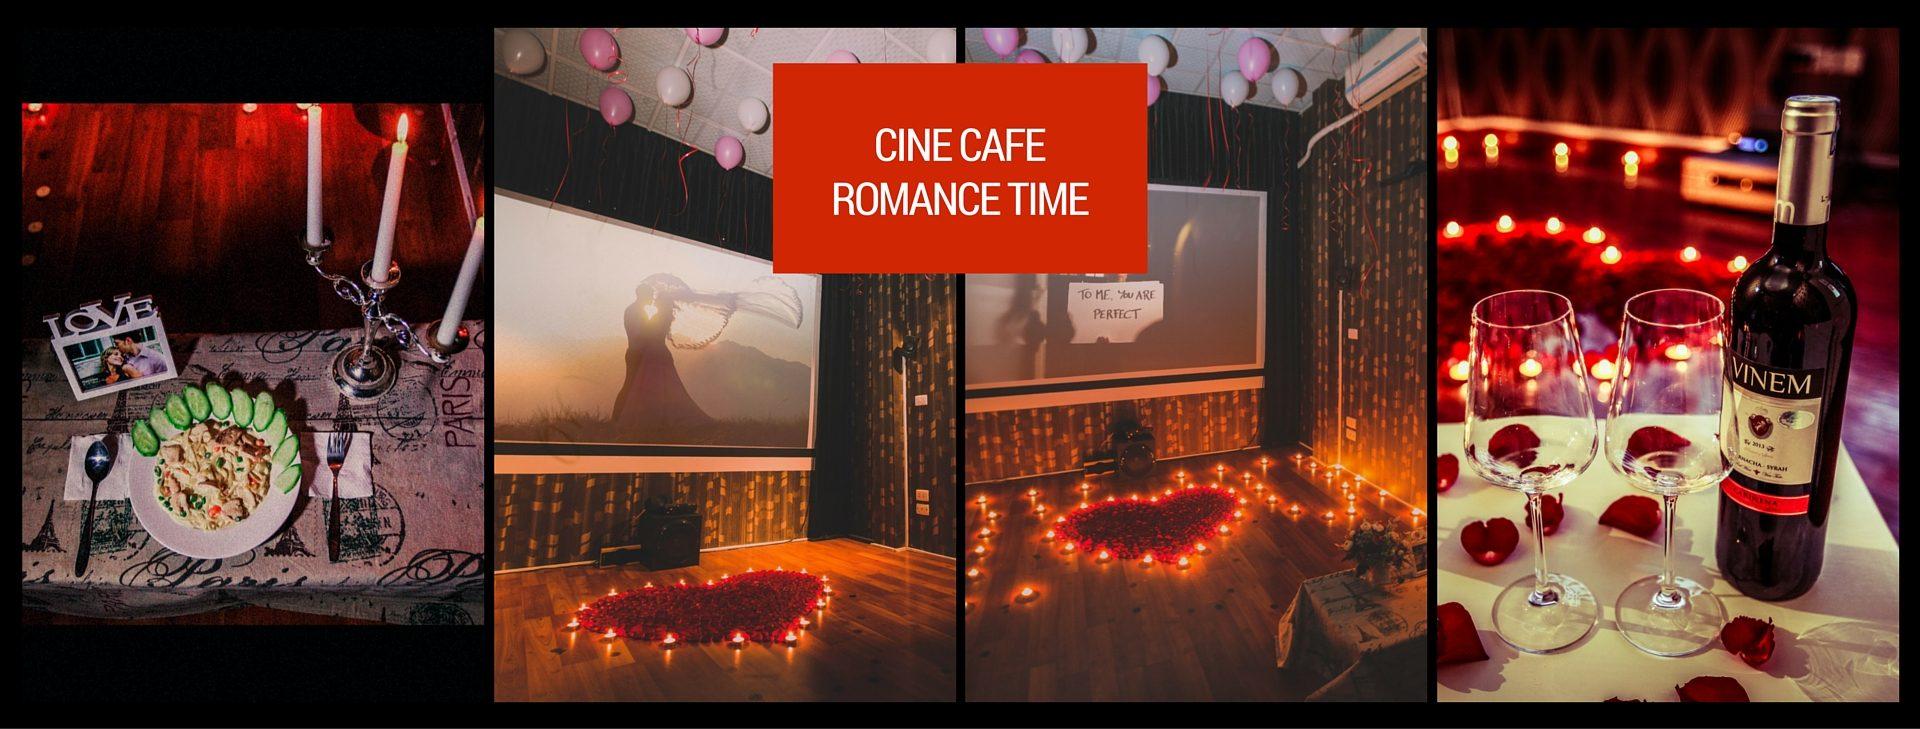 Setup-cine-cafe-phim-1920x729